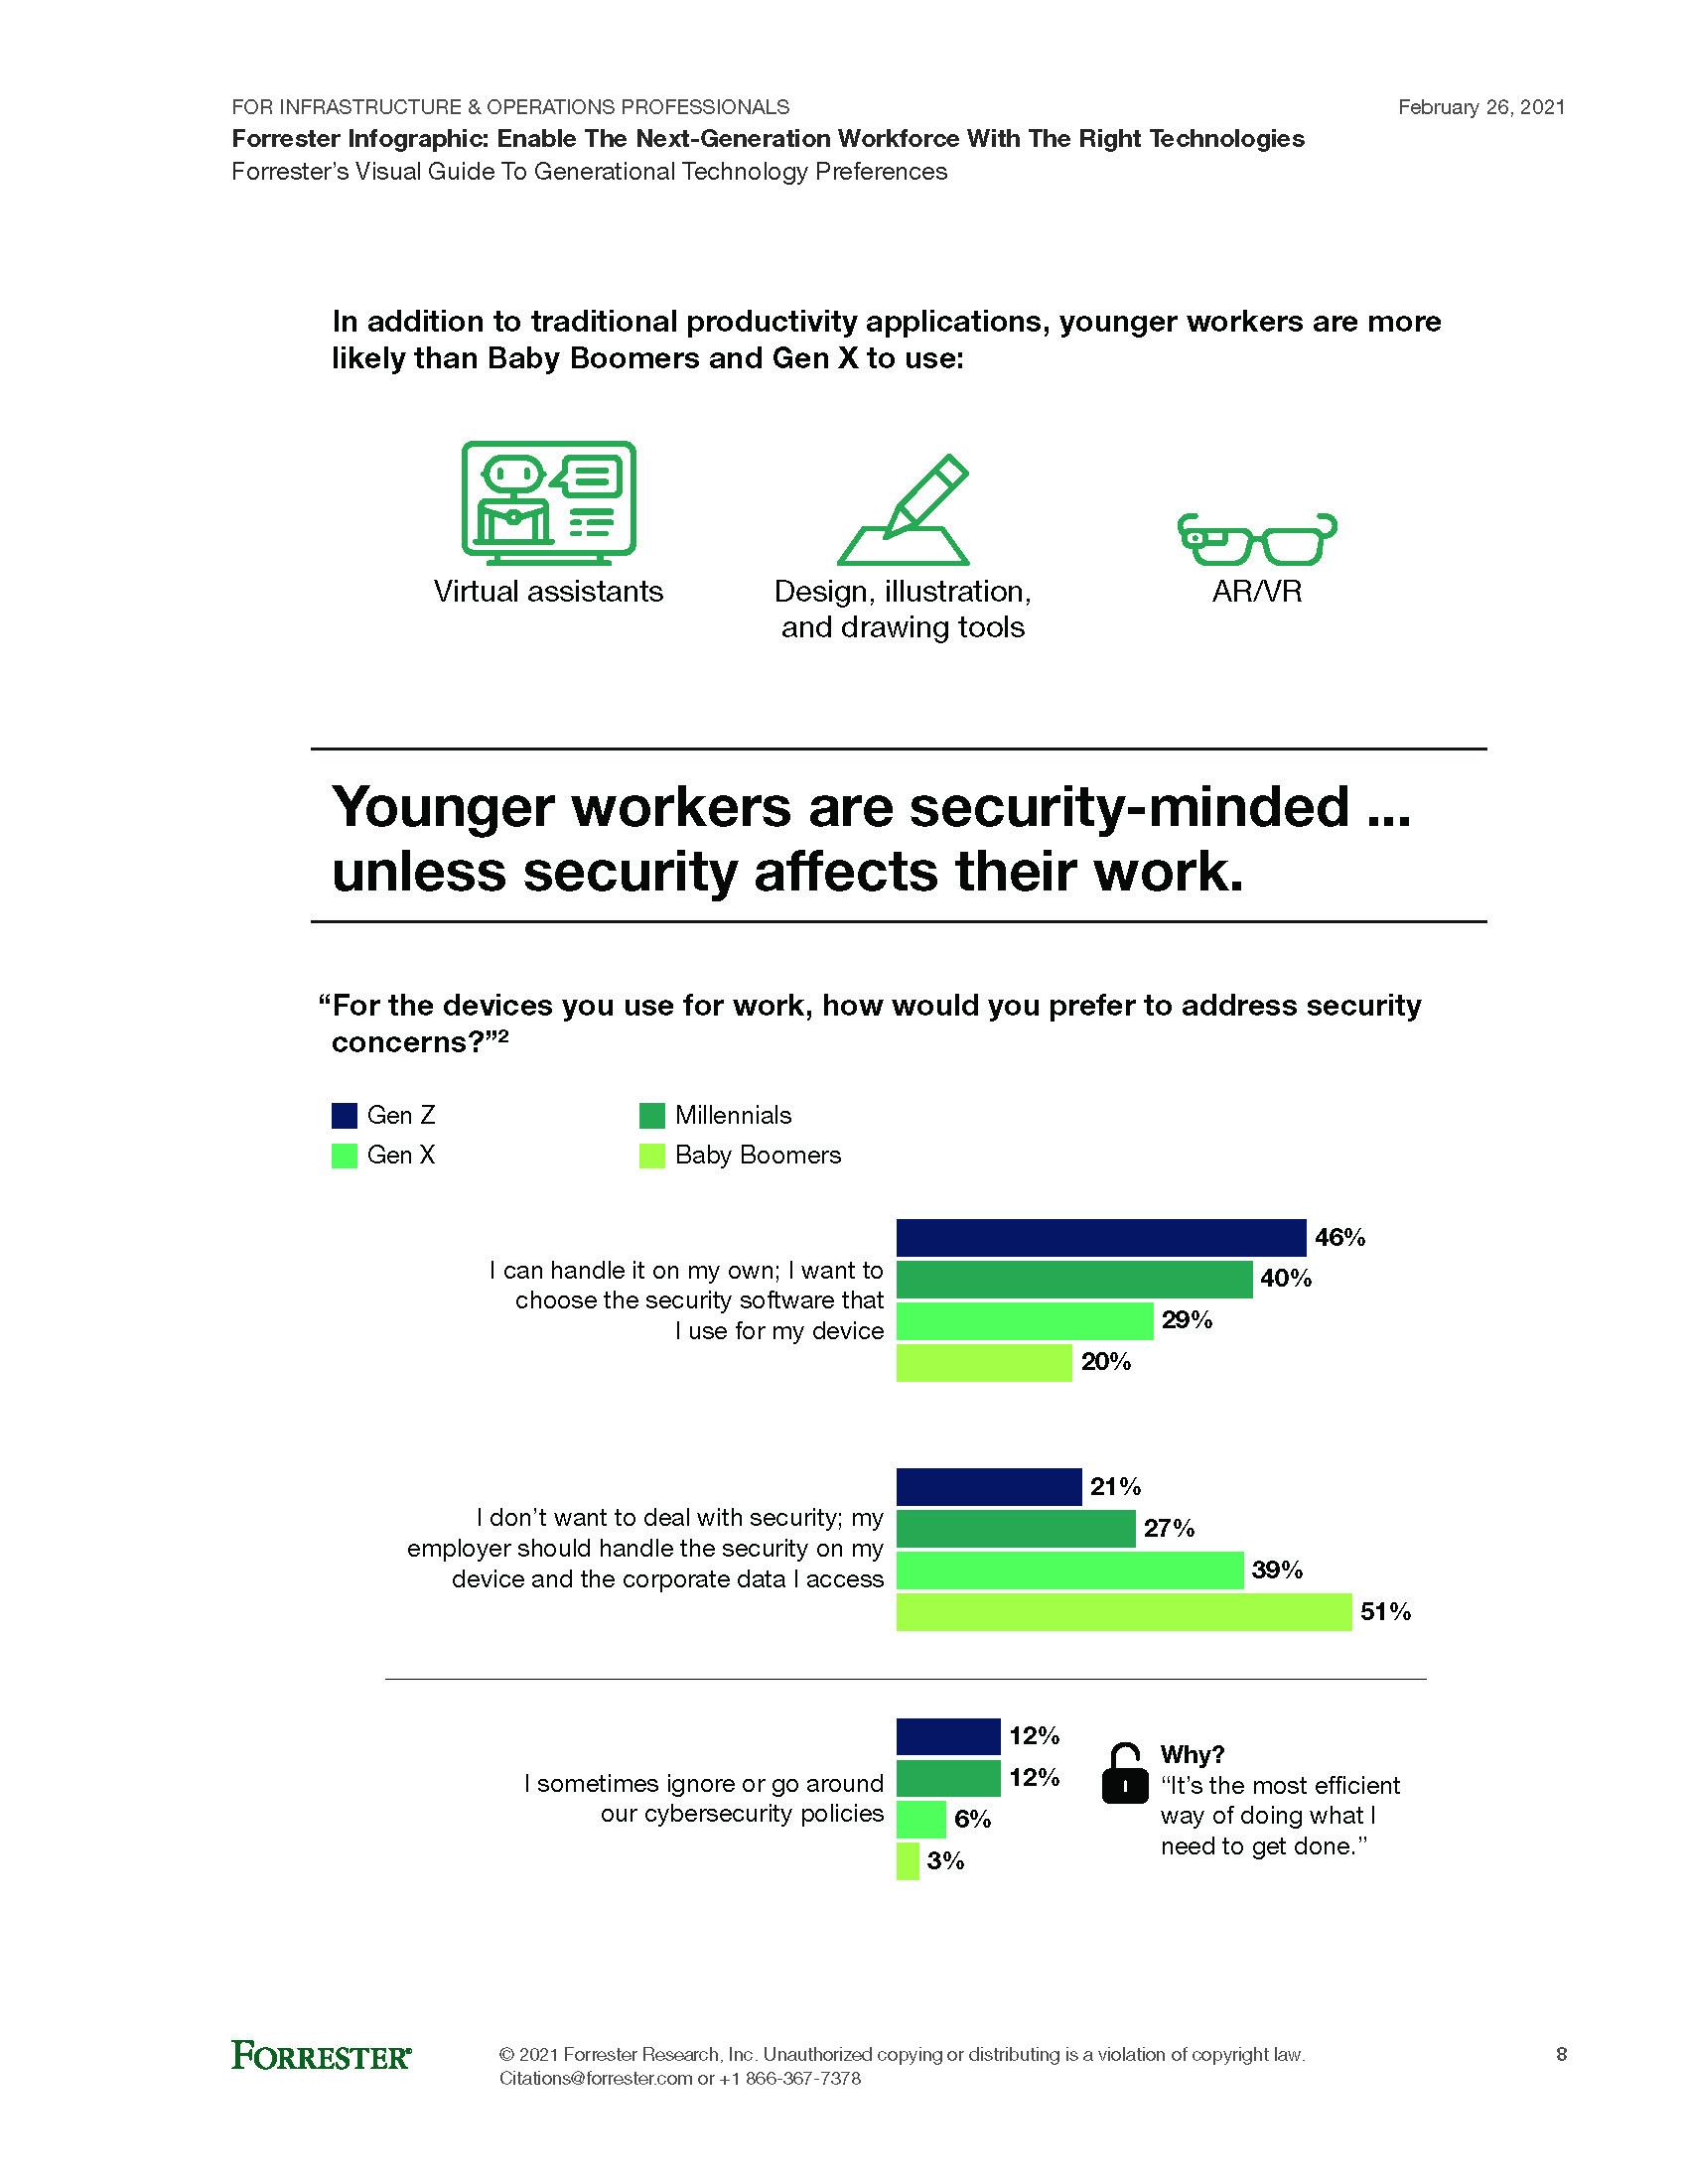 Infographie Forrester sur les travailleurs de la prochaine génération et leurs préférences technologiques.